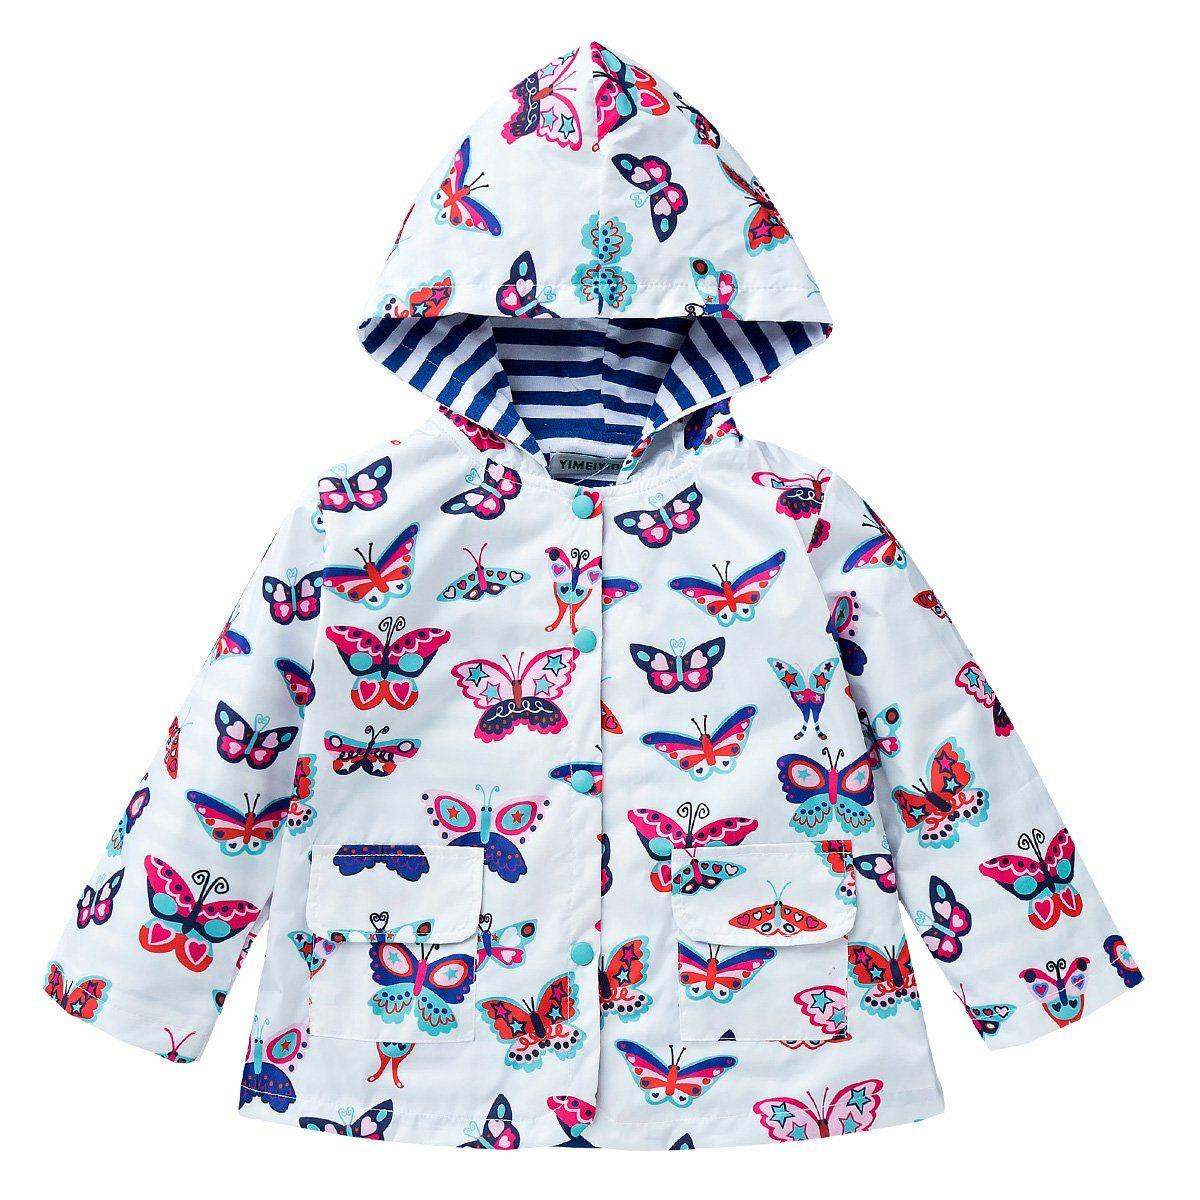 LZH Little Girls Waterproof Raincoat Floral Outwear Hooded Jacket Coat